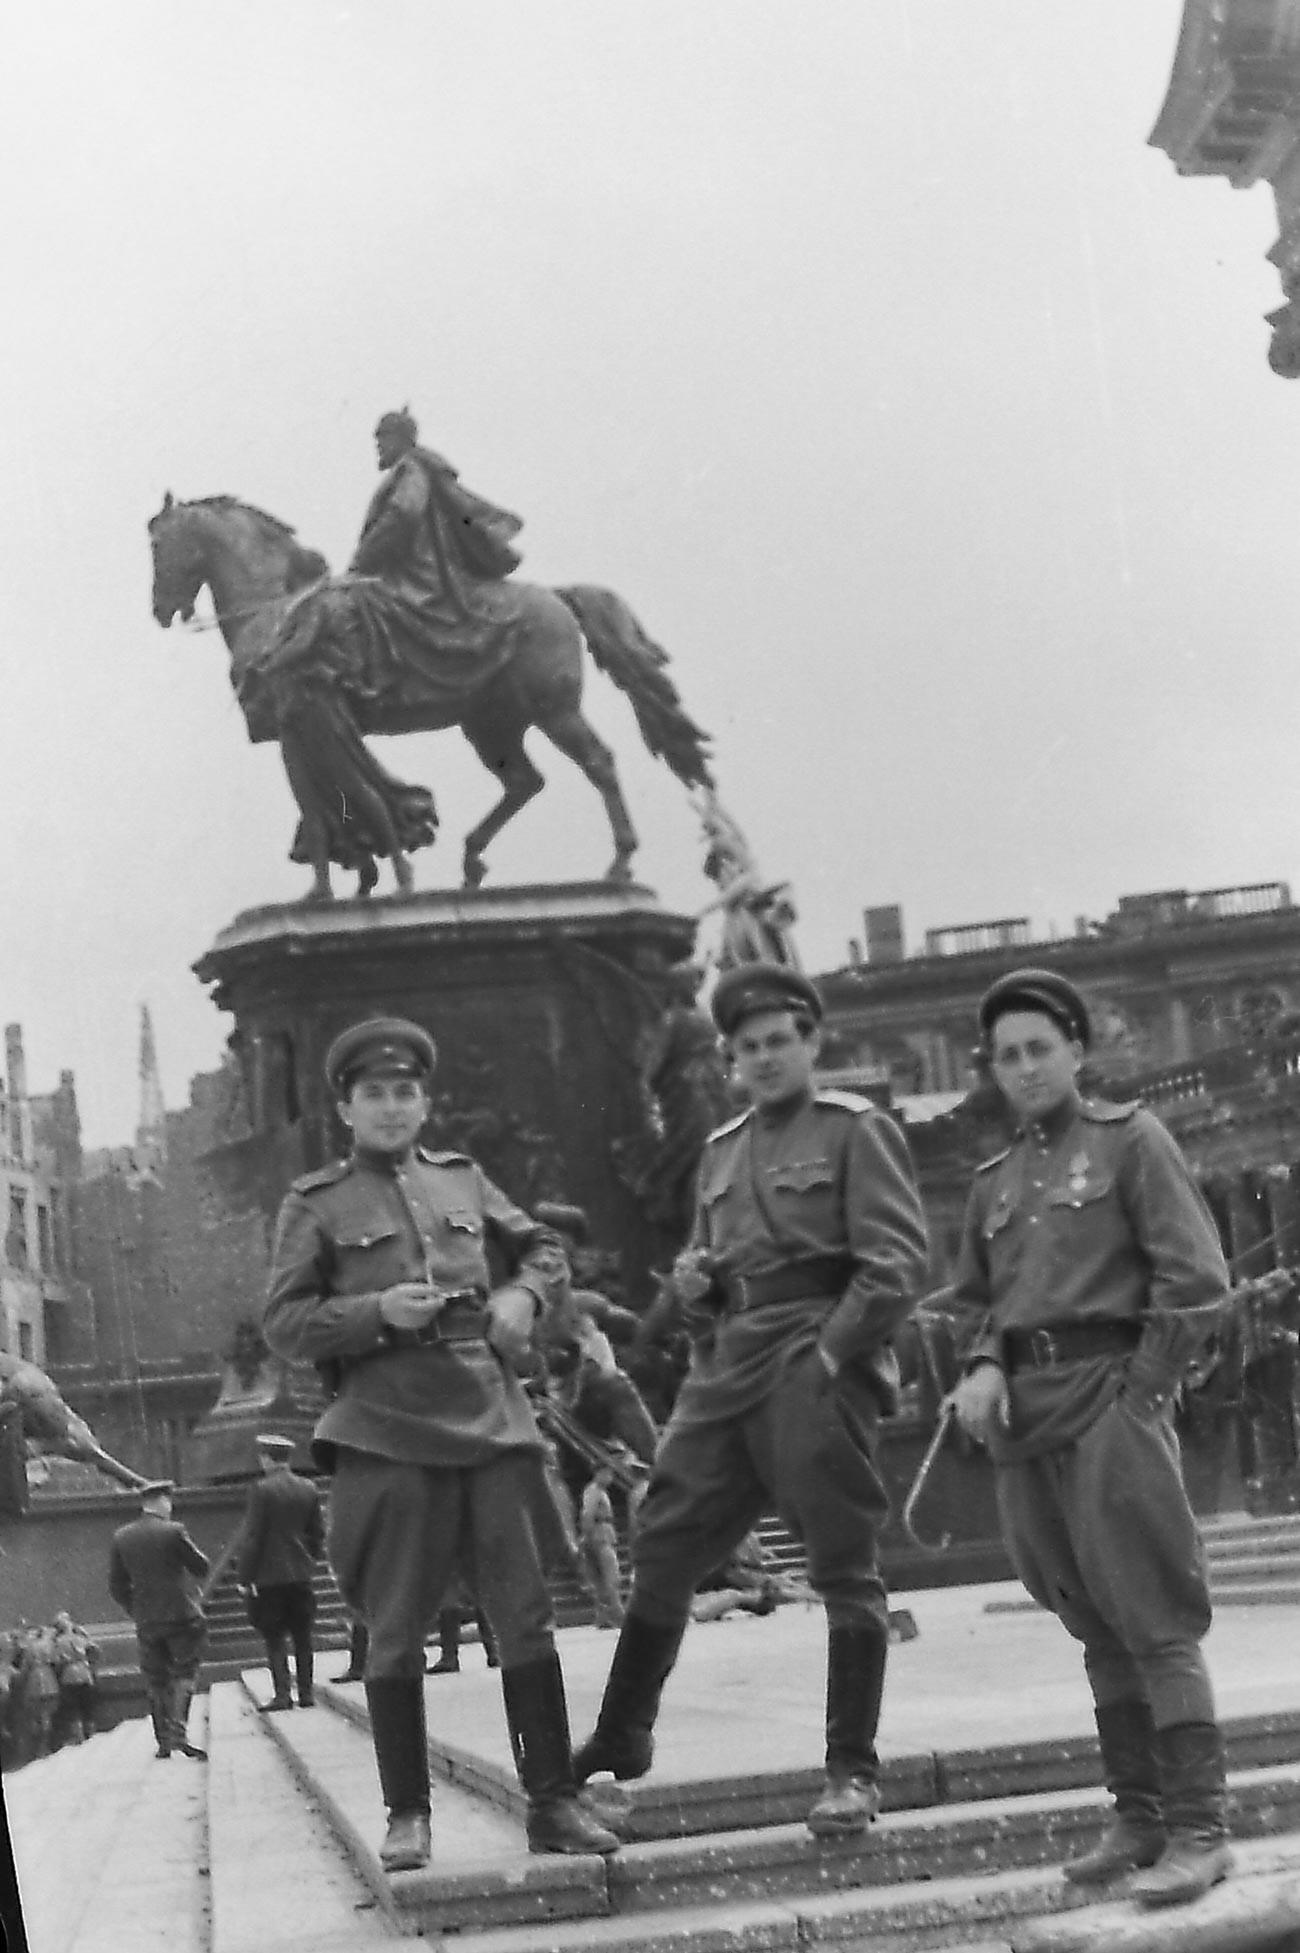 El director León Saakov (en el centro) con los reporteros cinematográficos de guerra Iliá Arons y Mijaíl Poselski. Berlín, junio de 1945